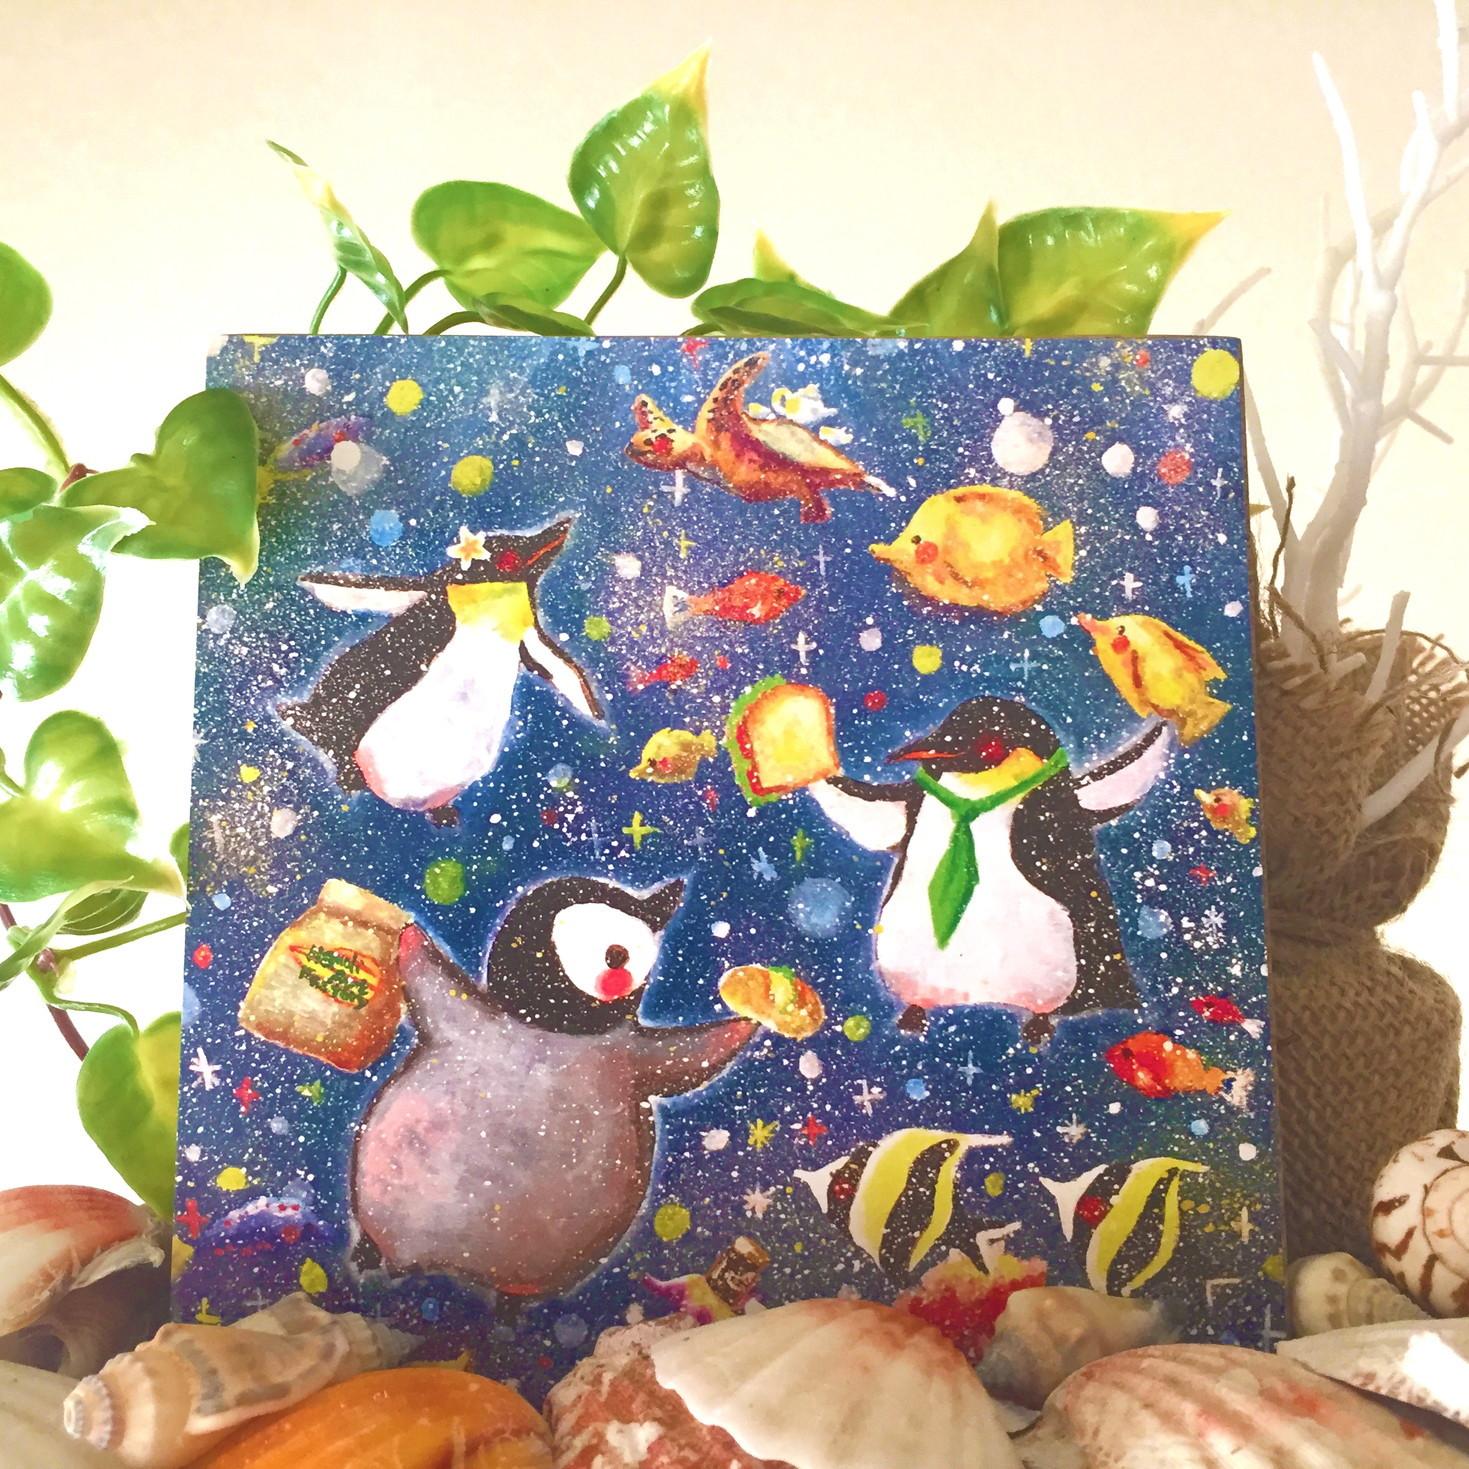 絵画 インテリア アートパネル 雑貨 壁掛け 置物 おしゃれ イラスト ペンギン 動物 ロココロ 画家 : 高井 りさ 作品 : 飛べない鳥は泳げる鳥